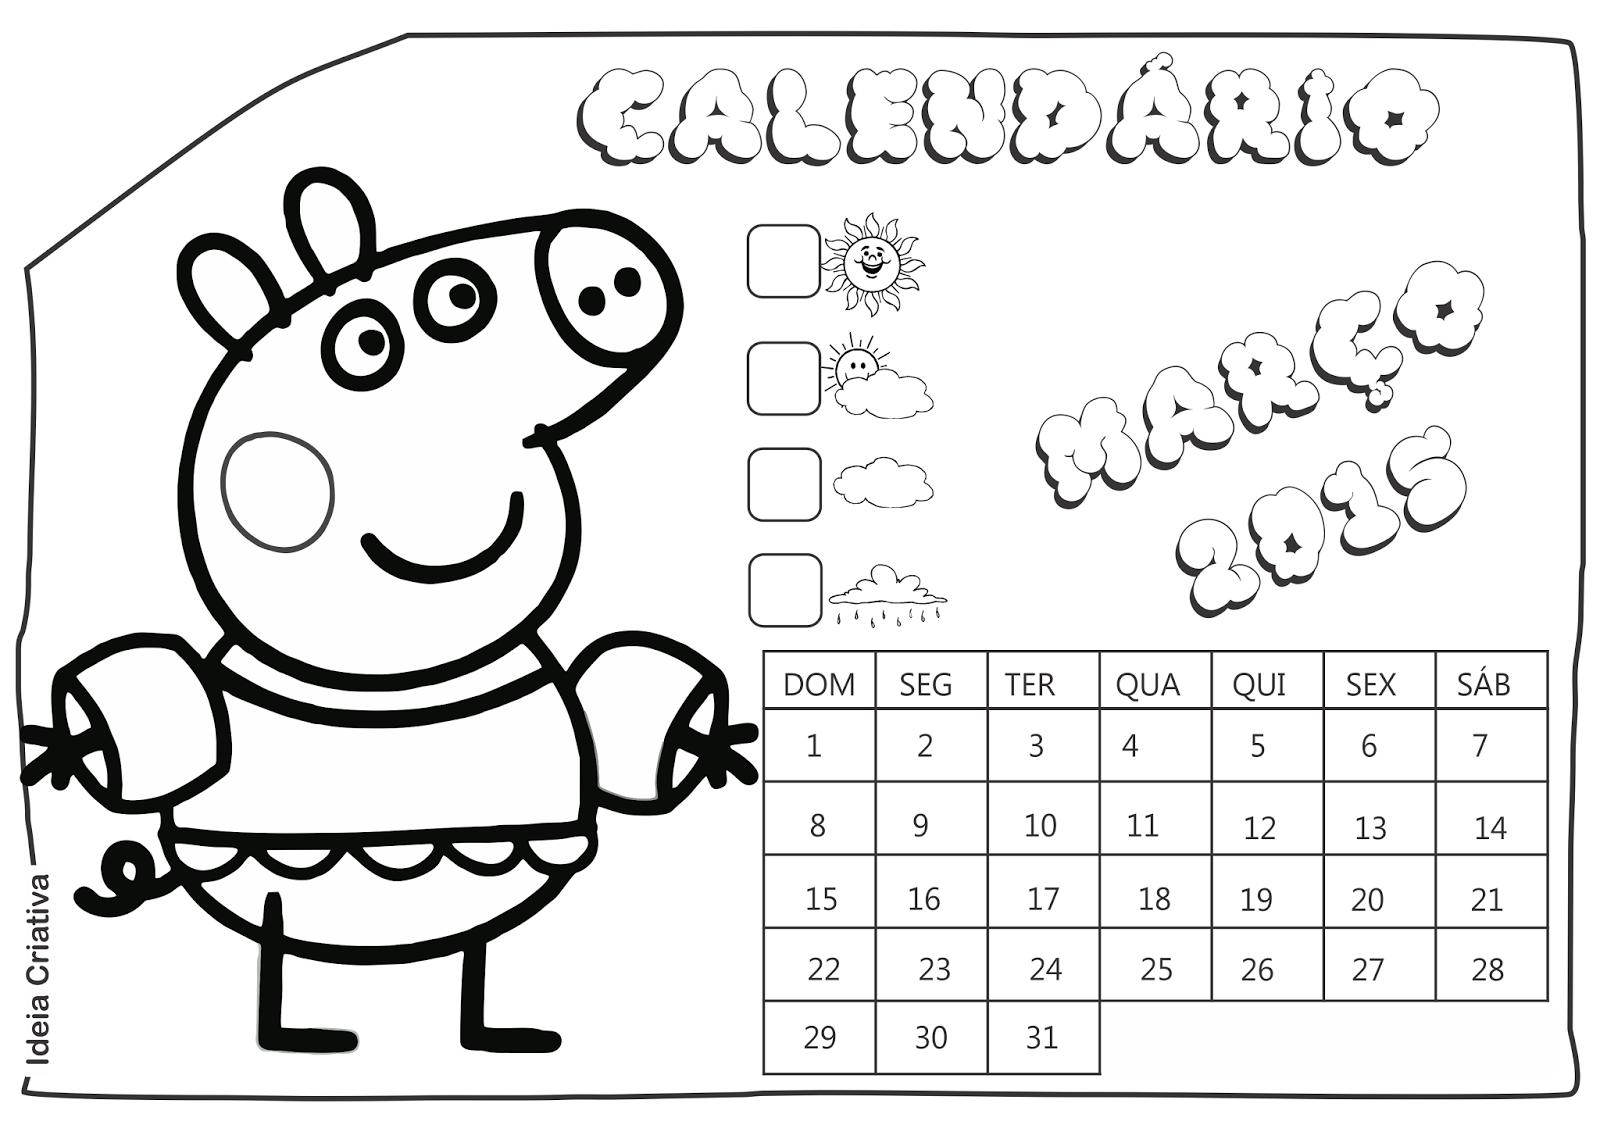 Calendário Março 2015 Peppa Pig e Seus Amigos para Imprimir Grátis